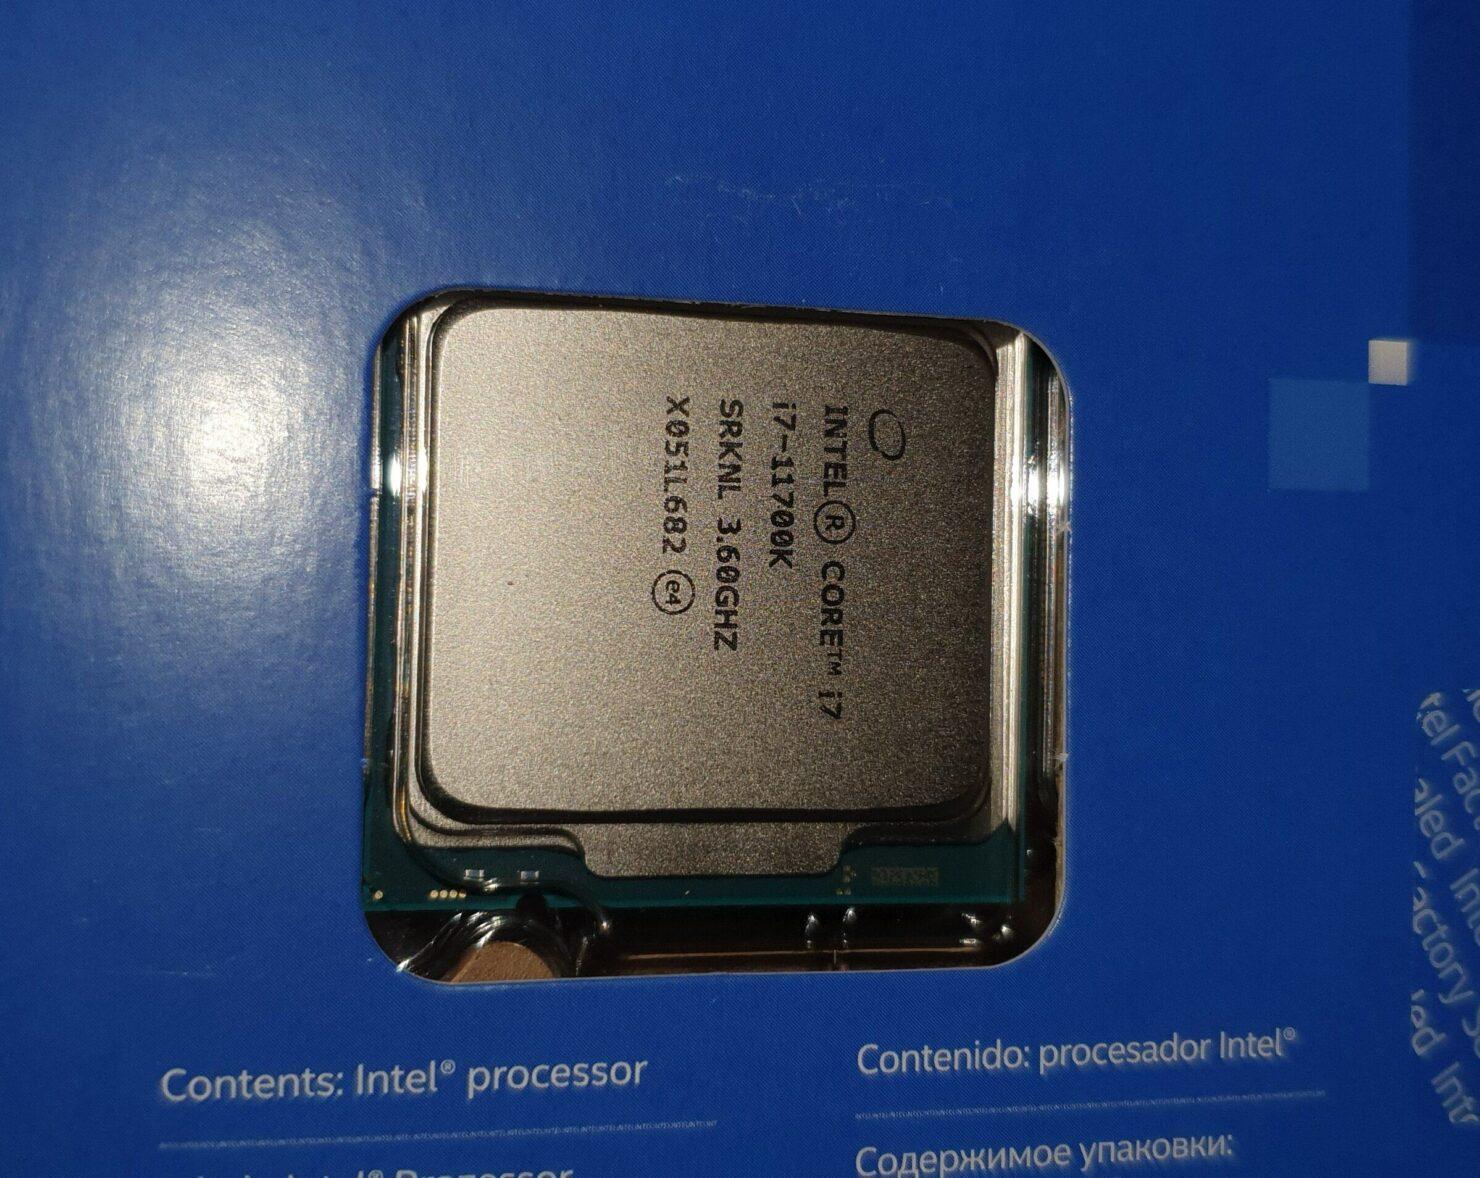 intel-core-i7-11700k-rocket-lake-8-core-desktop-cpu-_2